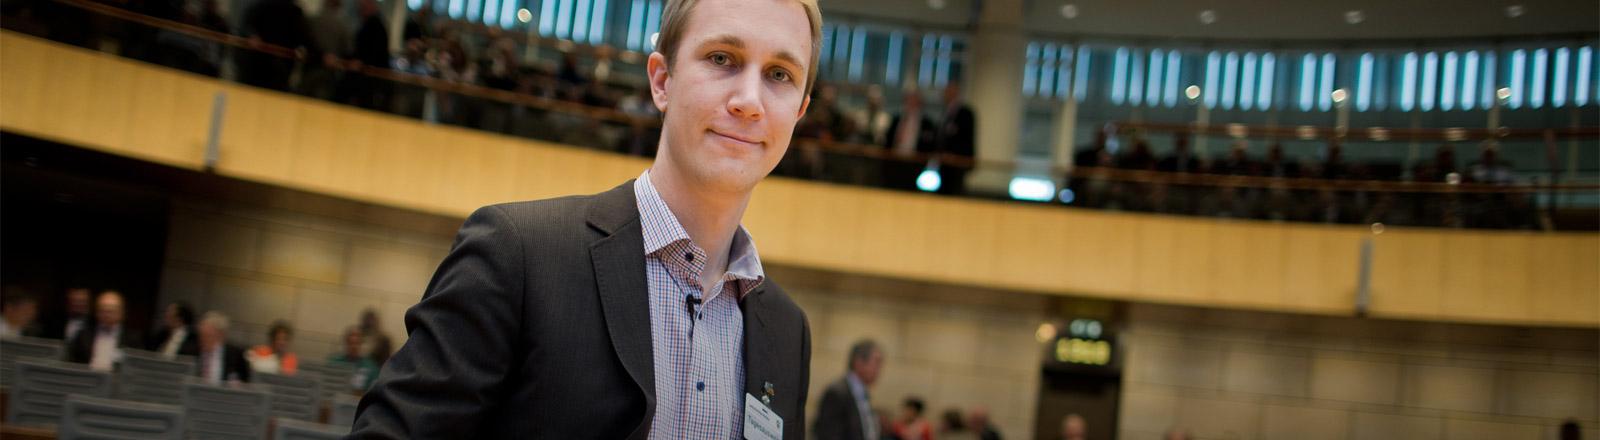 Monheims Bürgermeister Daniel Zimmermann im Landtag von Nordrhein-Westfalen